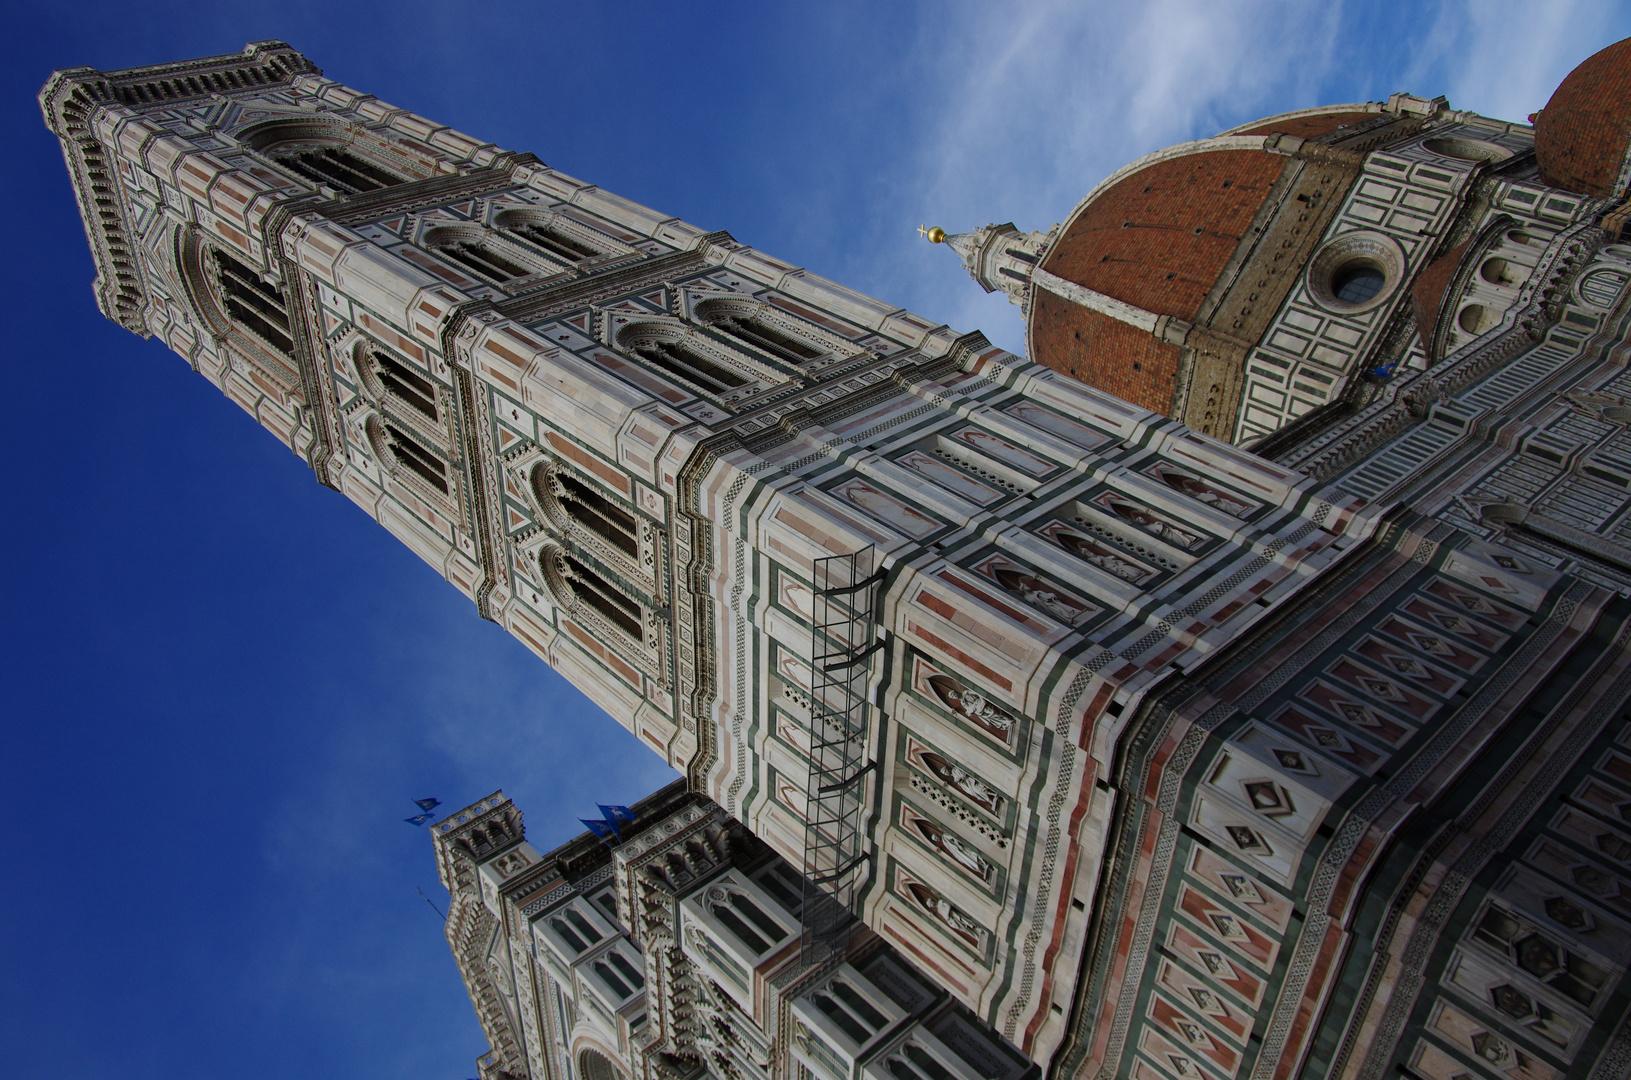 Dom von Florenz 2011